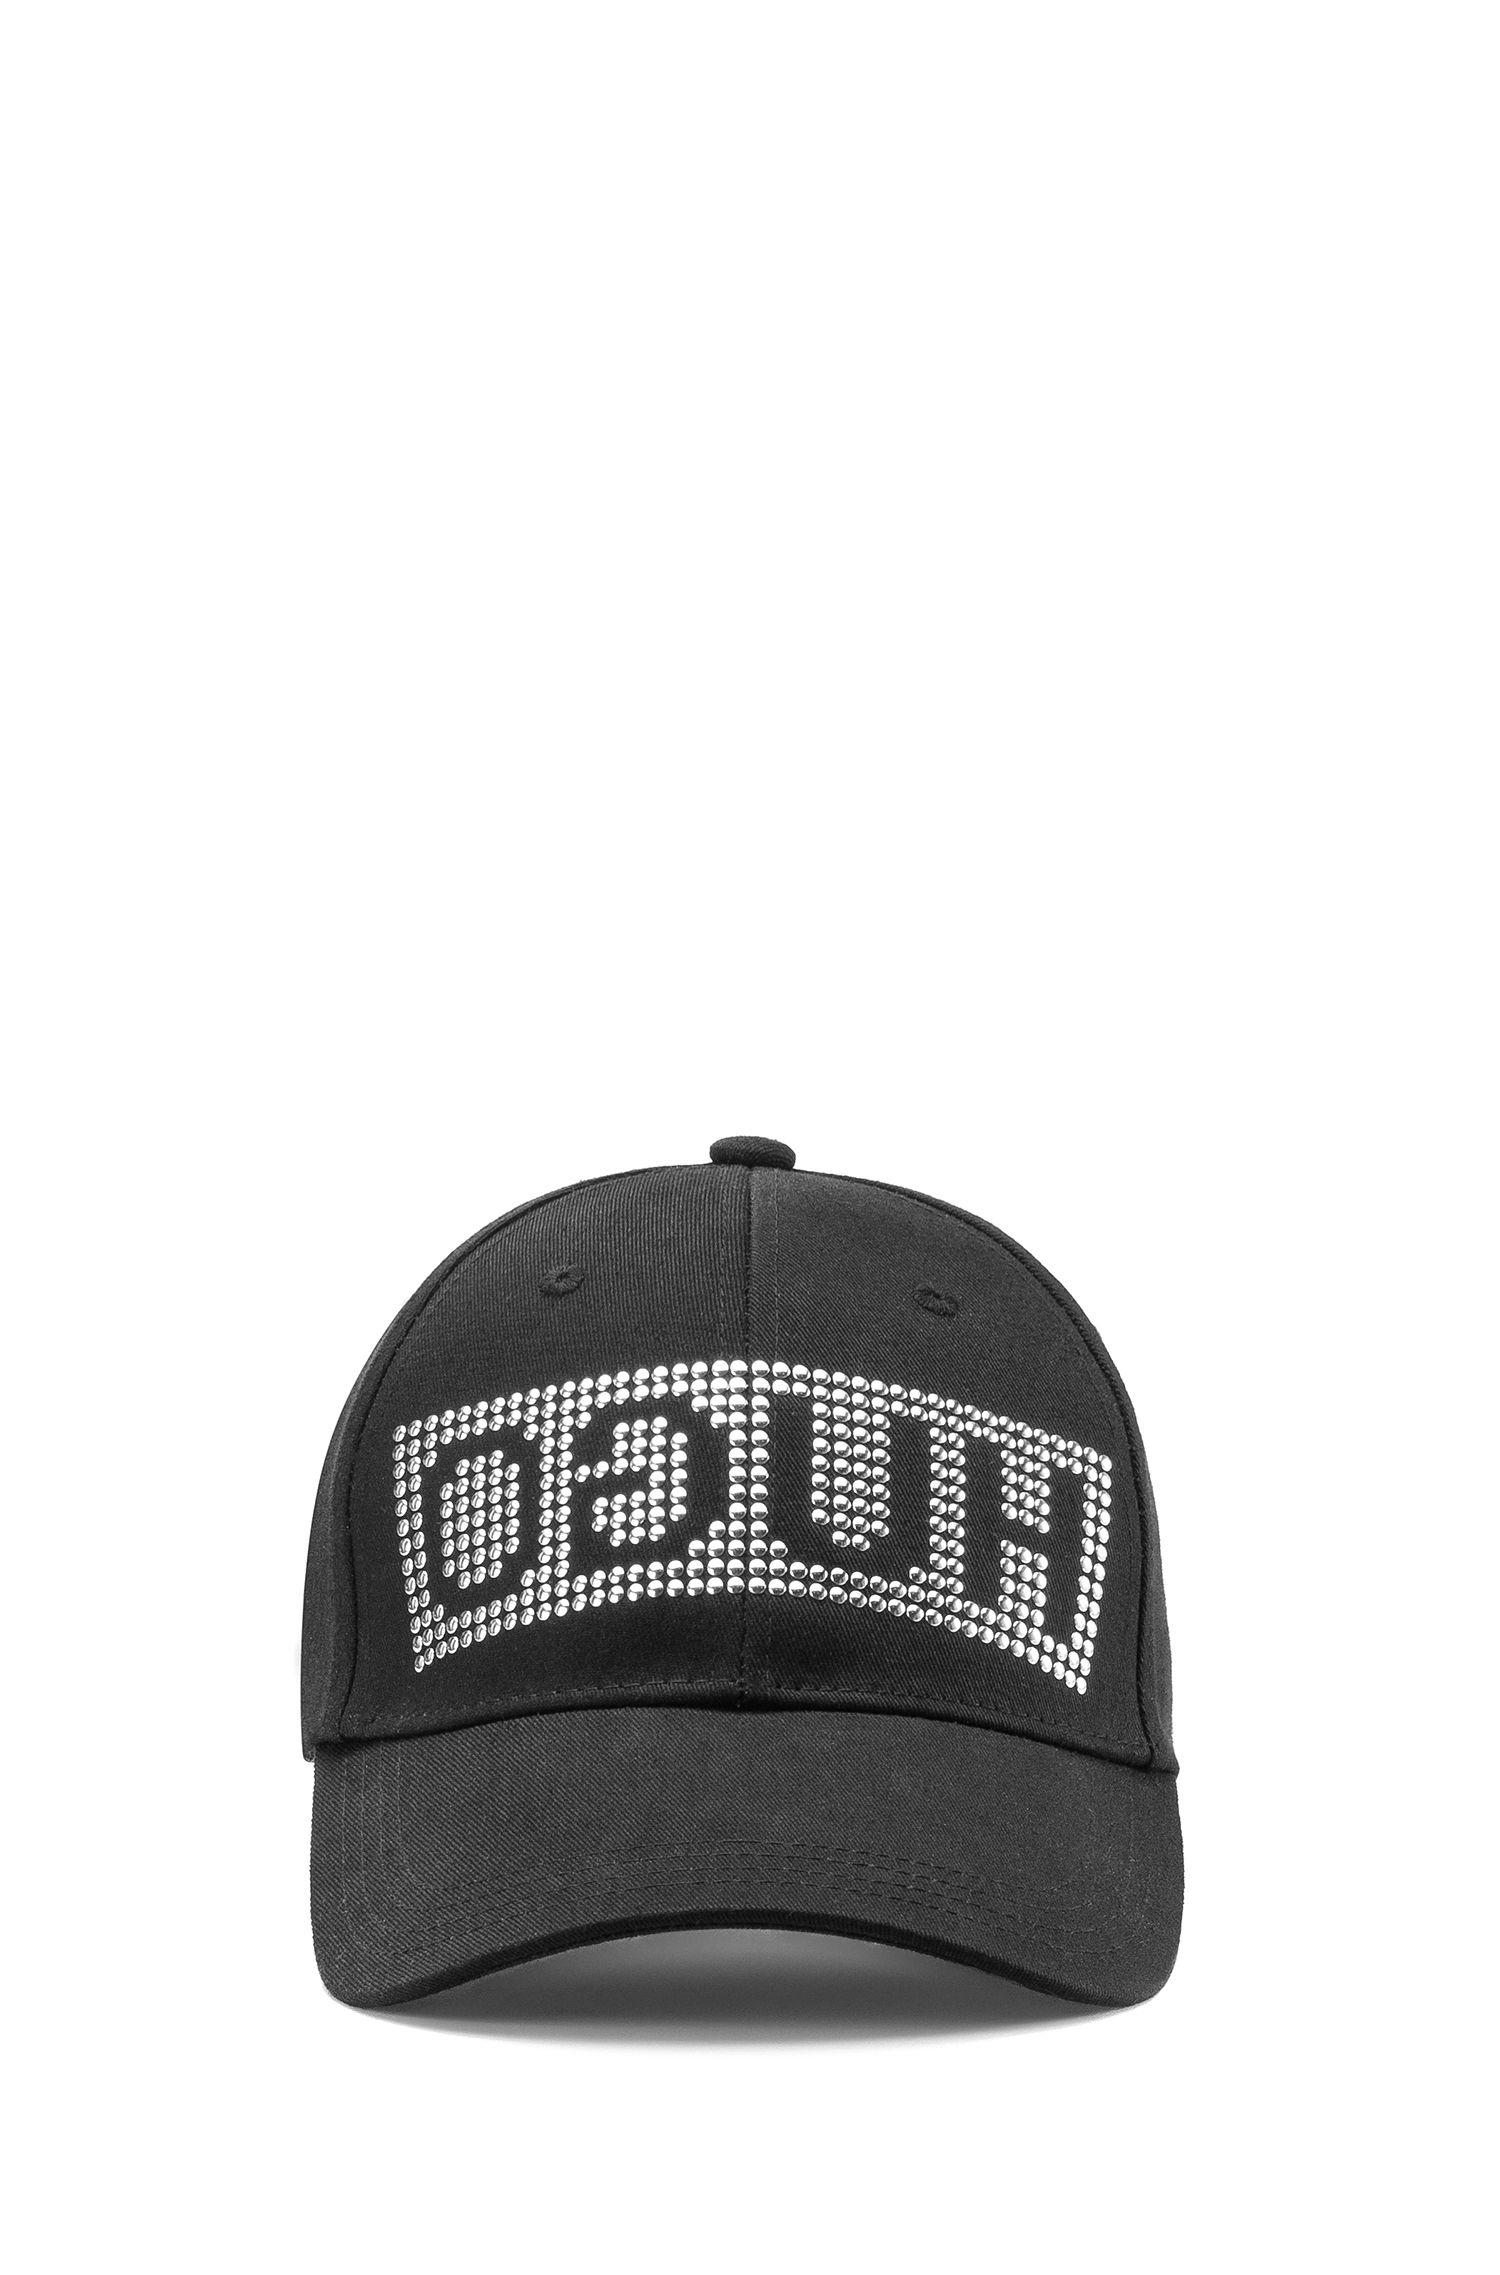 Gorra de béisbol en tejido de gabardina con logo invertido con tachuelas